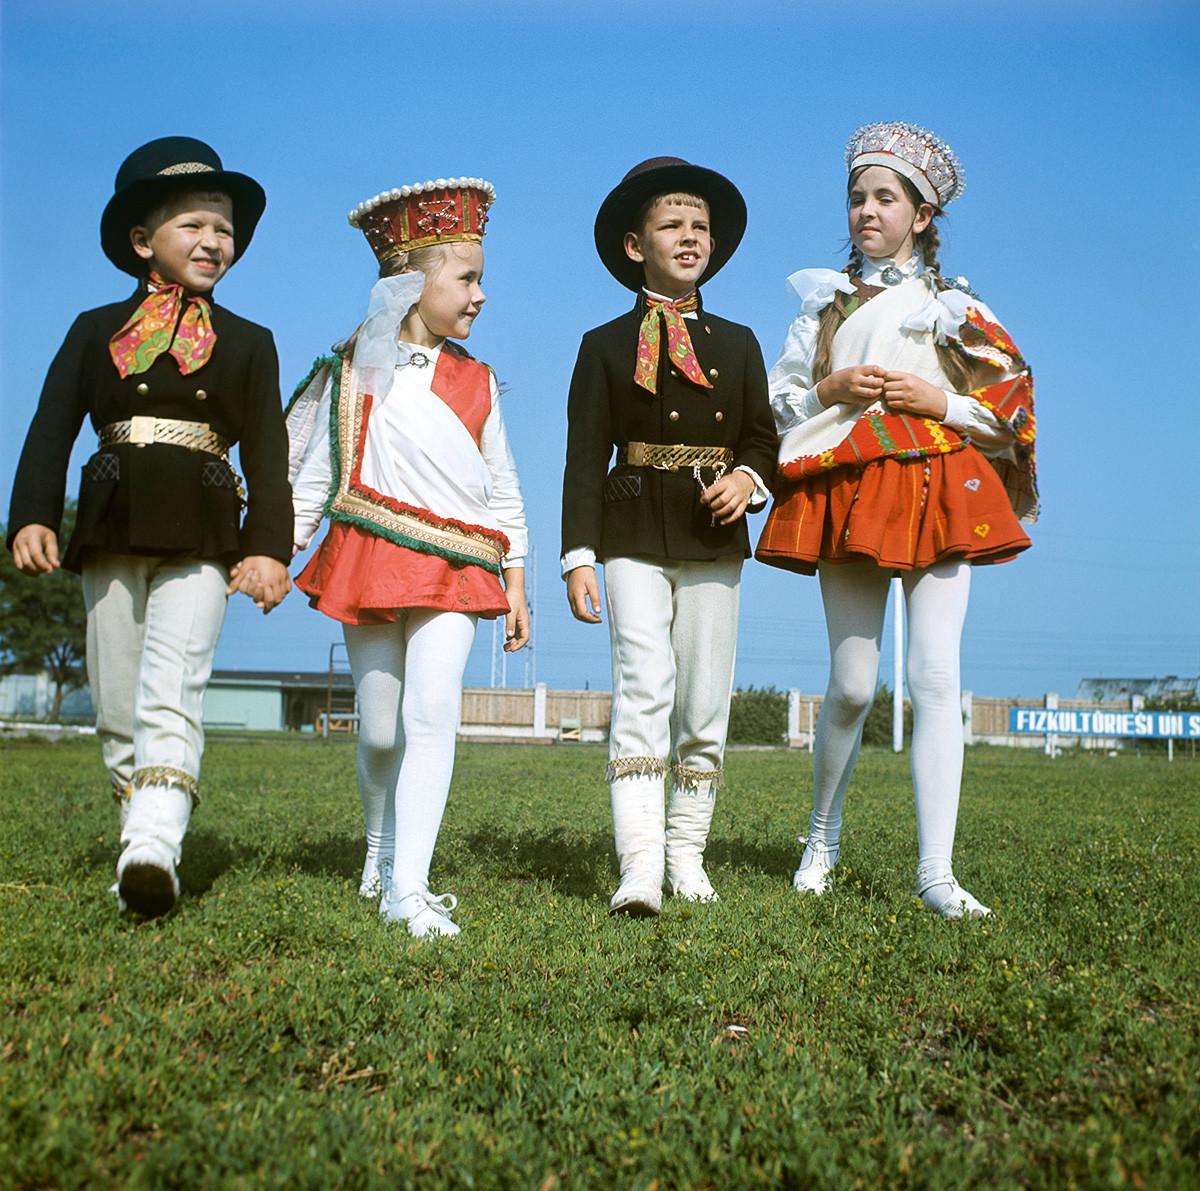 Участники фольклорного праздника песни и танца в Риге, 1970 г.